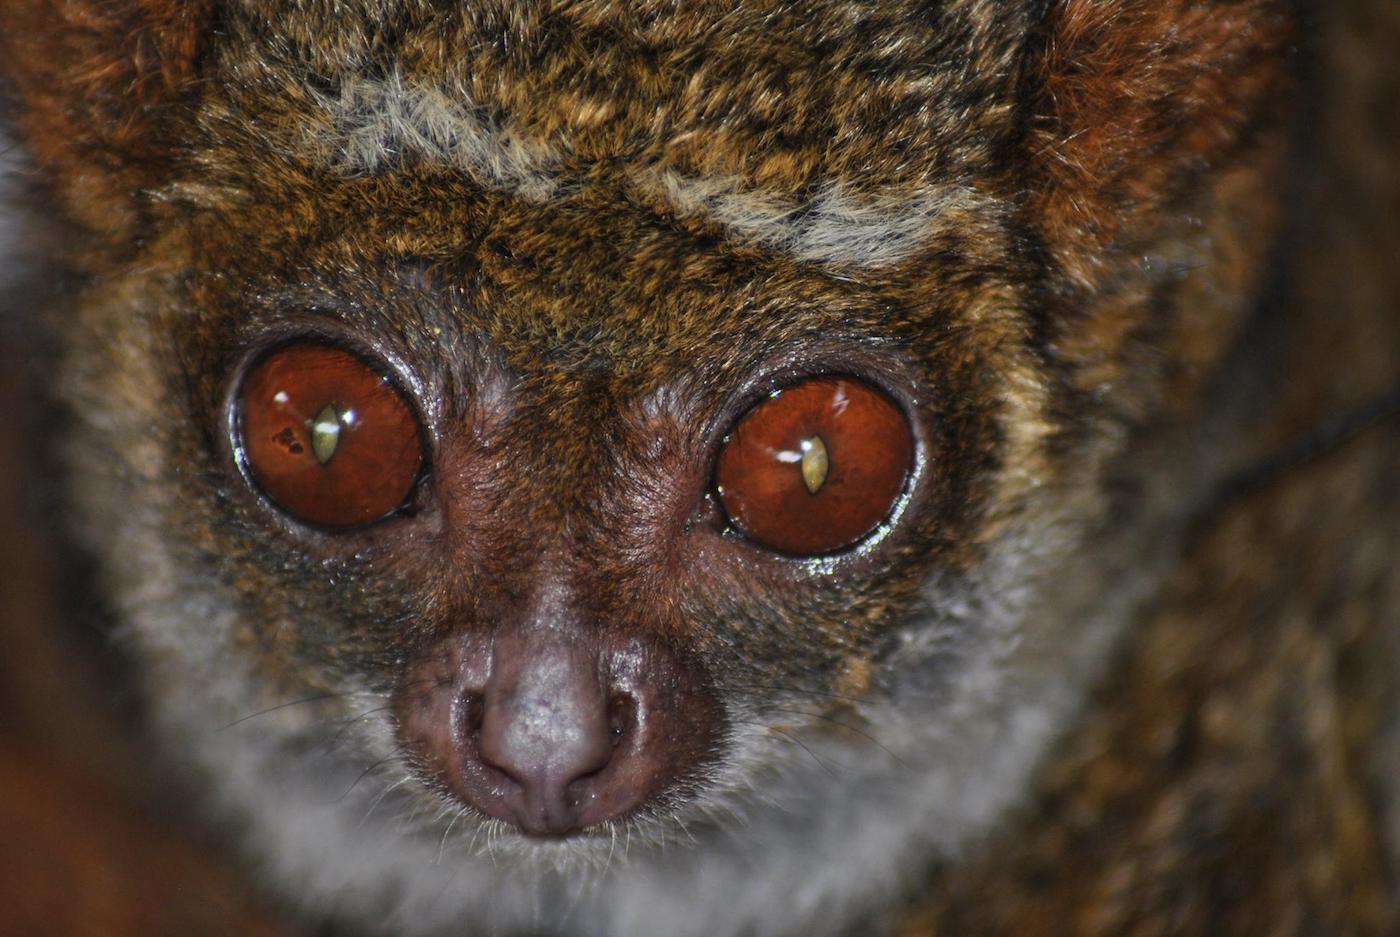 Un Avahi, genere di lemure di piccola taglia - foto Silvia Battisti